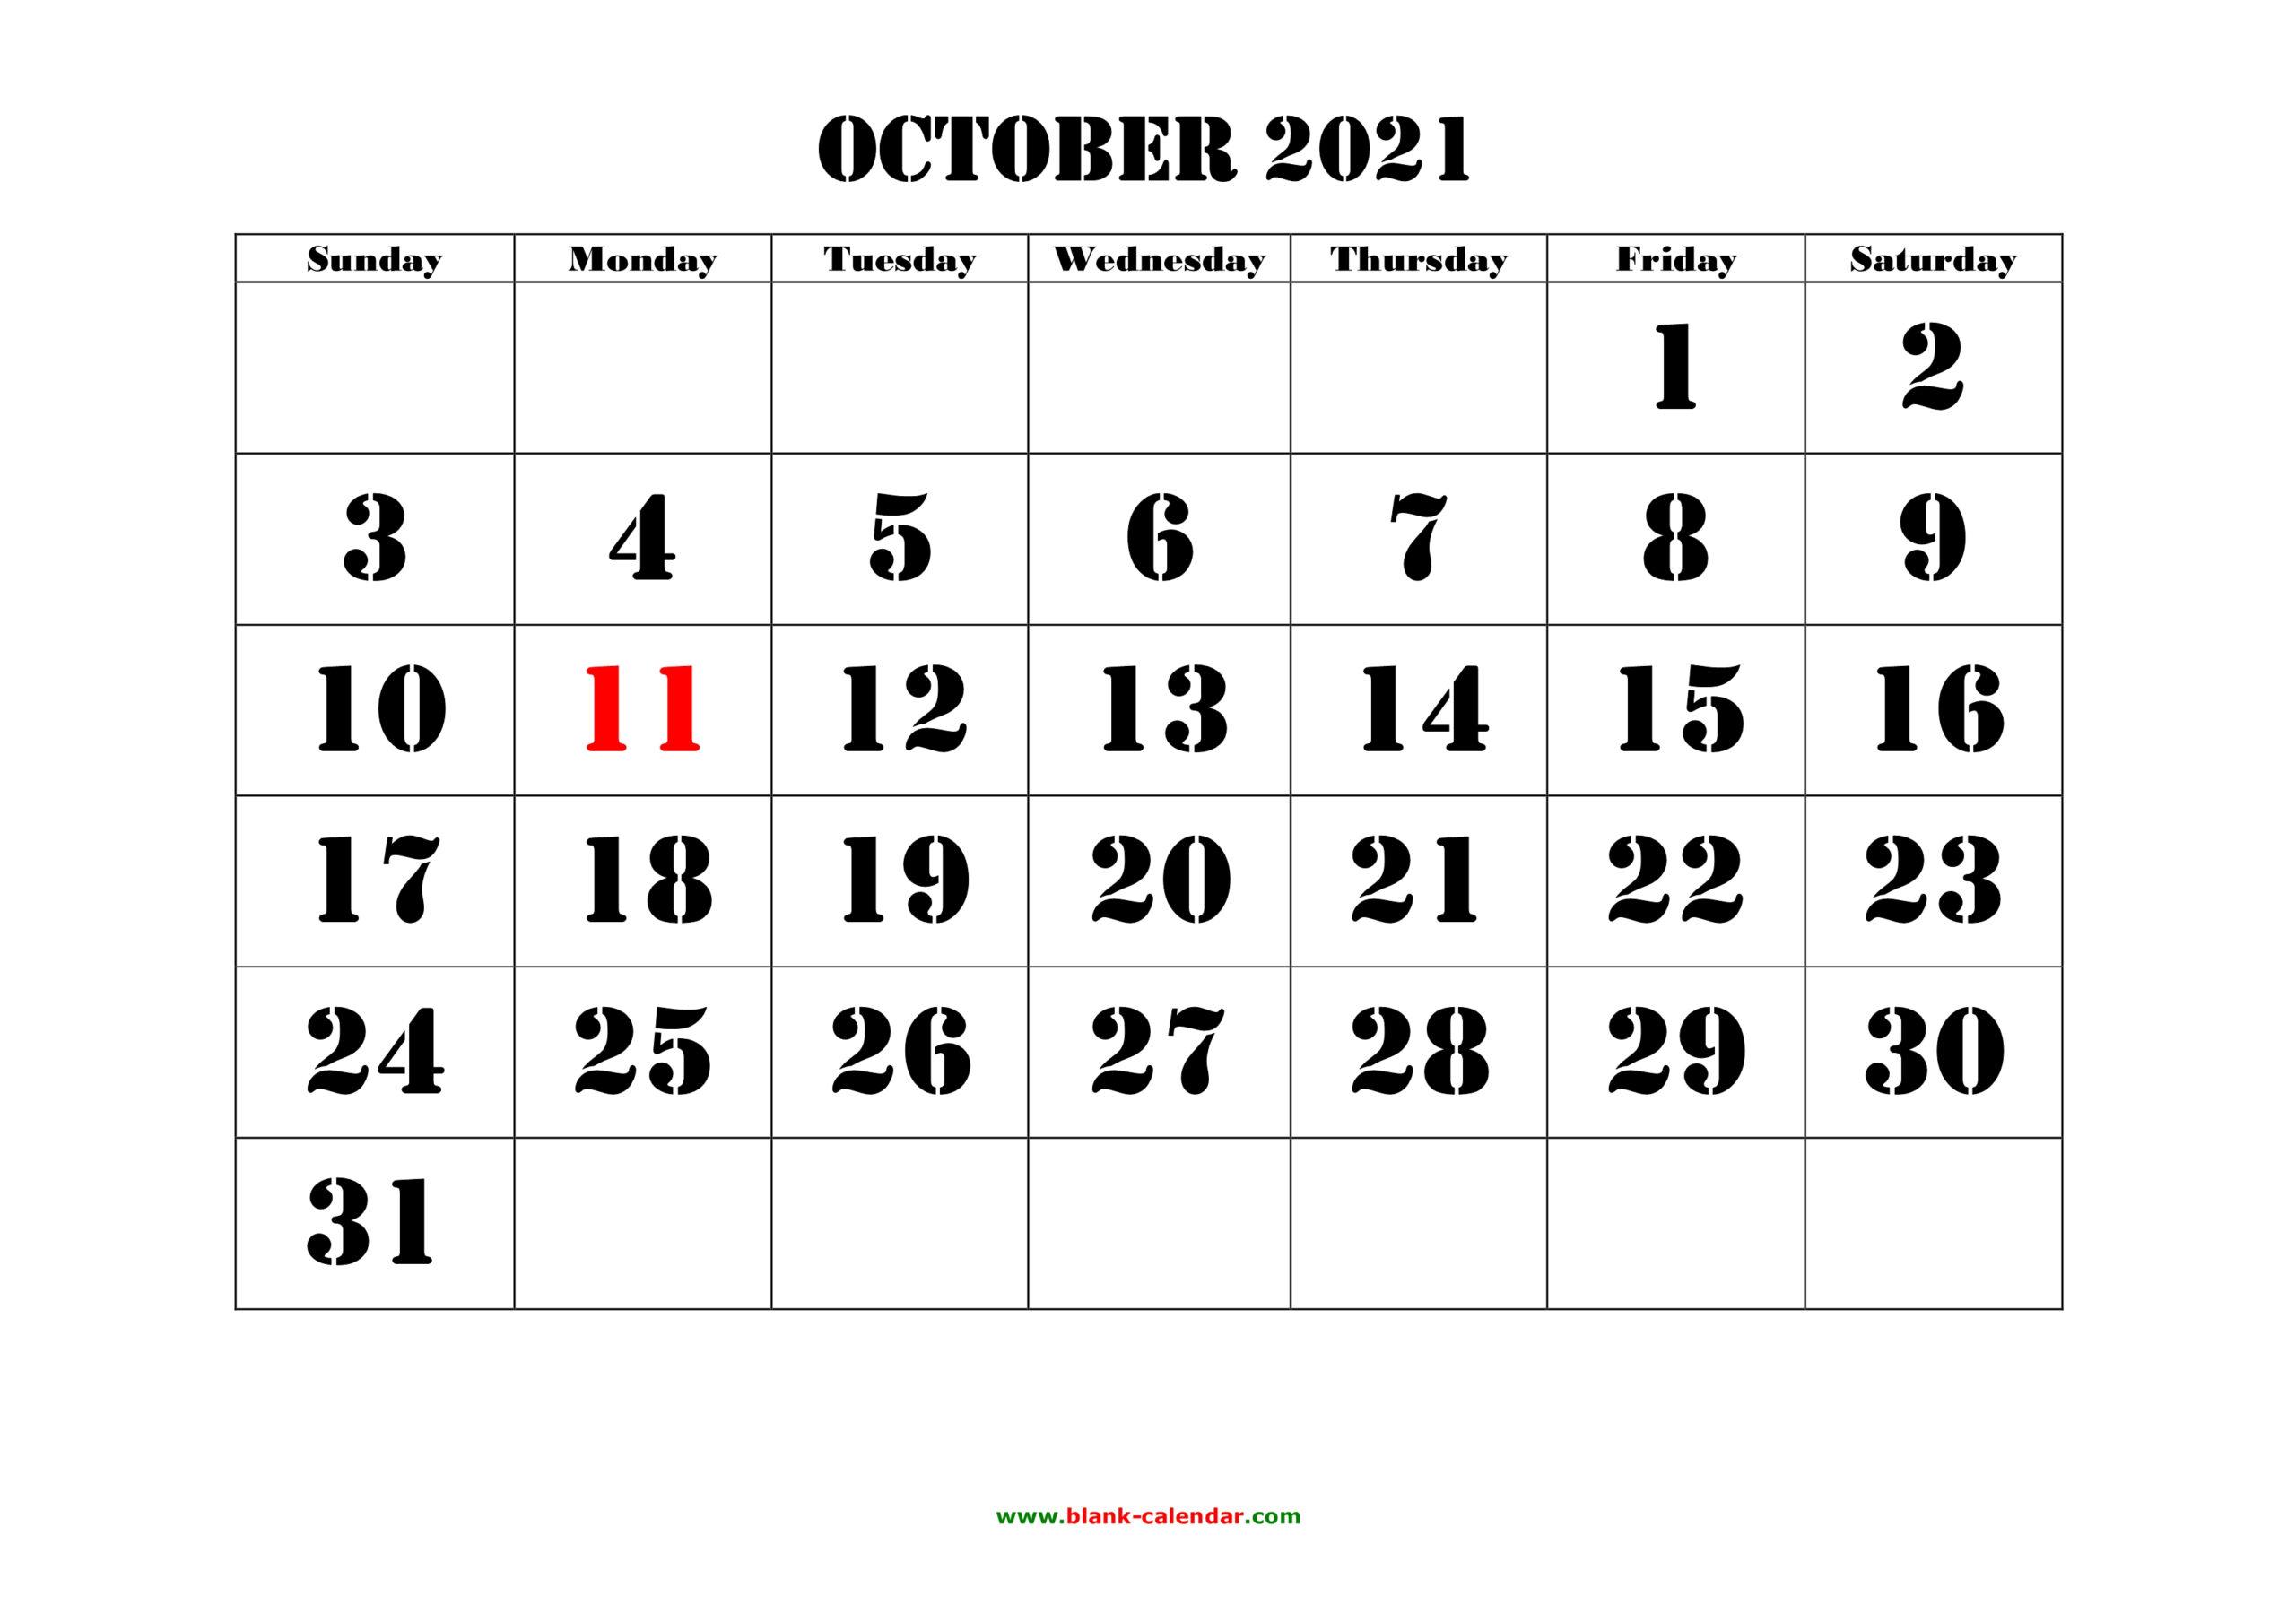 Free Download Printable October 2021 Calendar, Large Font